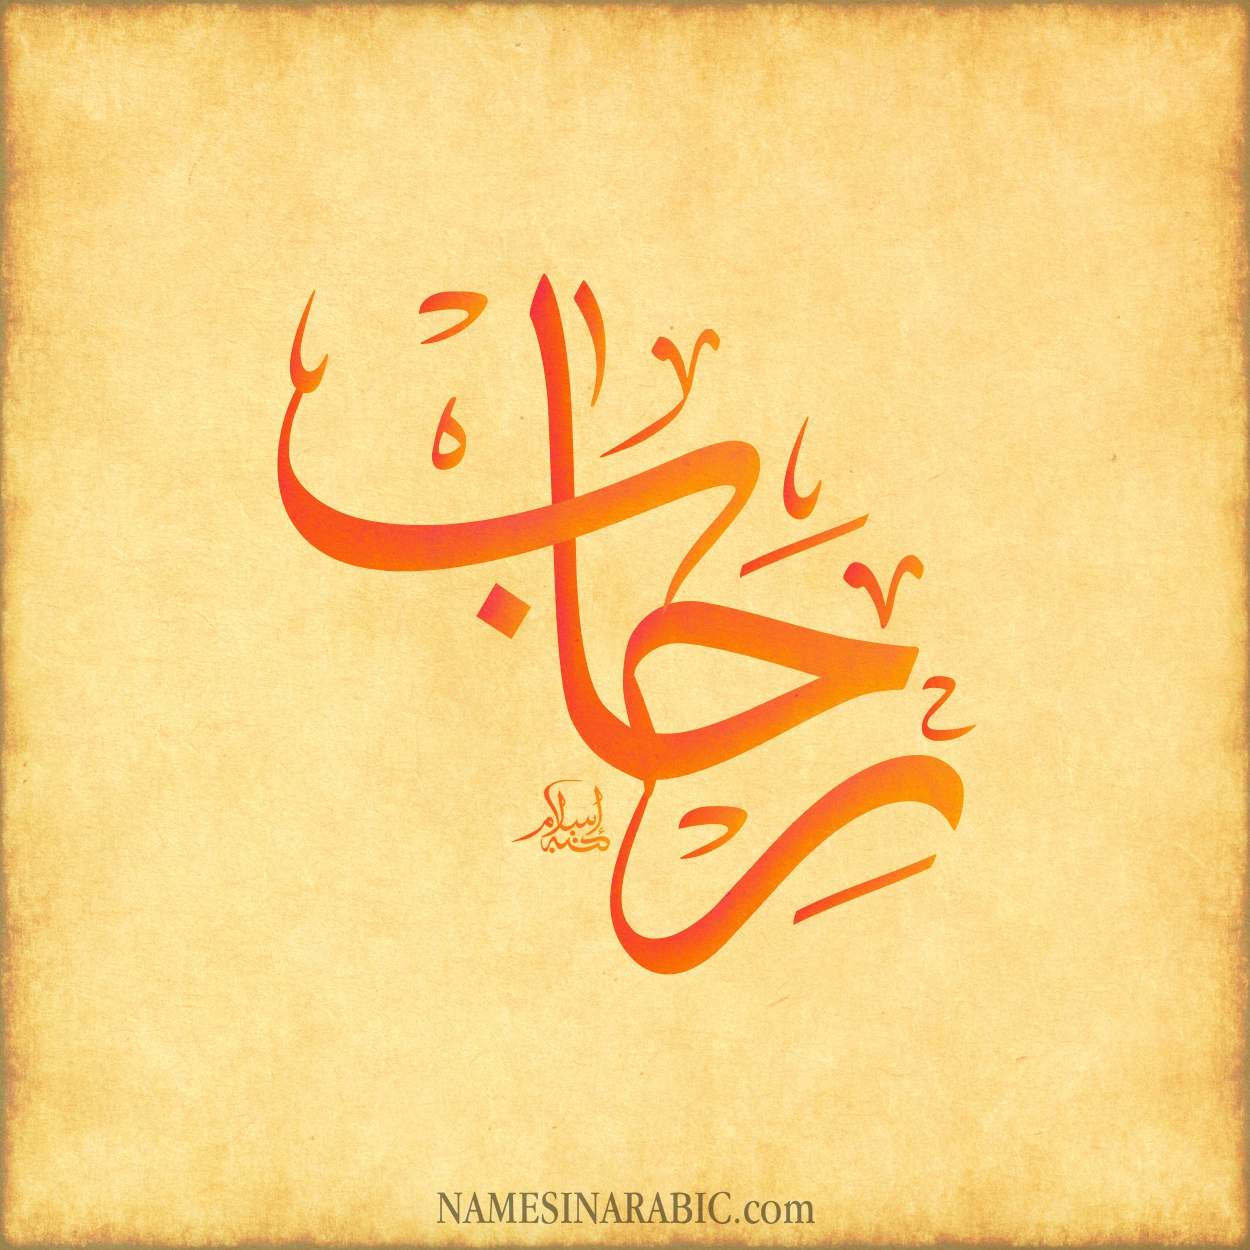 صورة معنى اسم رحاب , معني واصل اسم رحاب